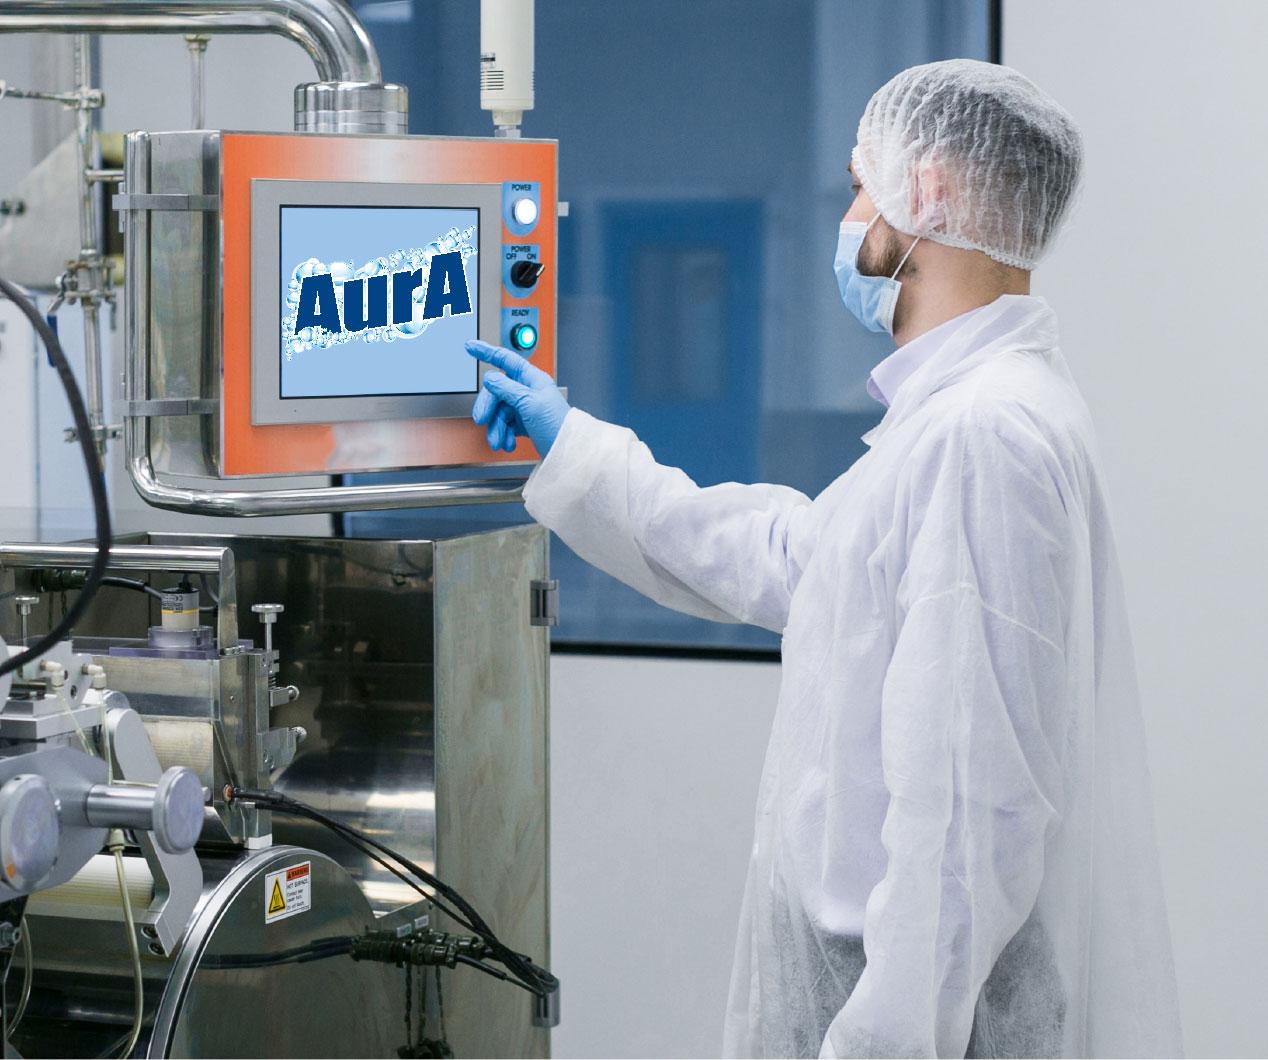 Aura Detergent